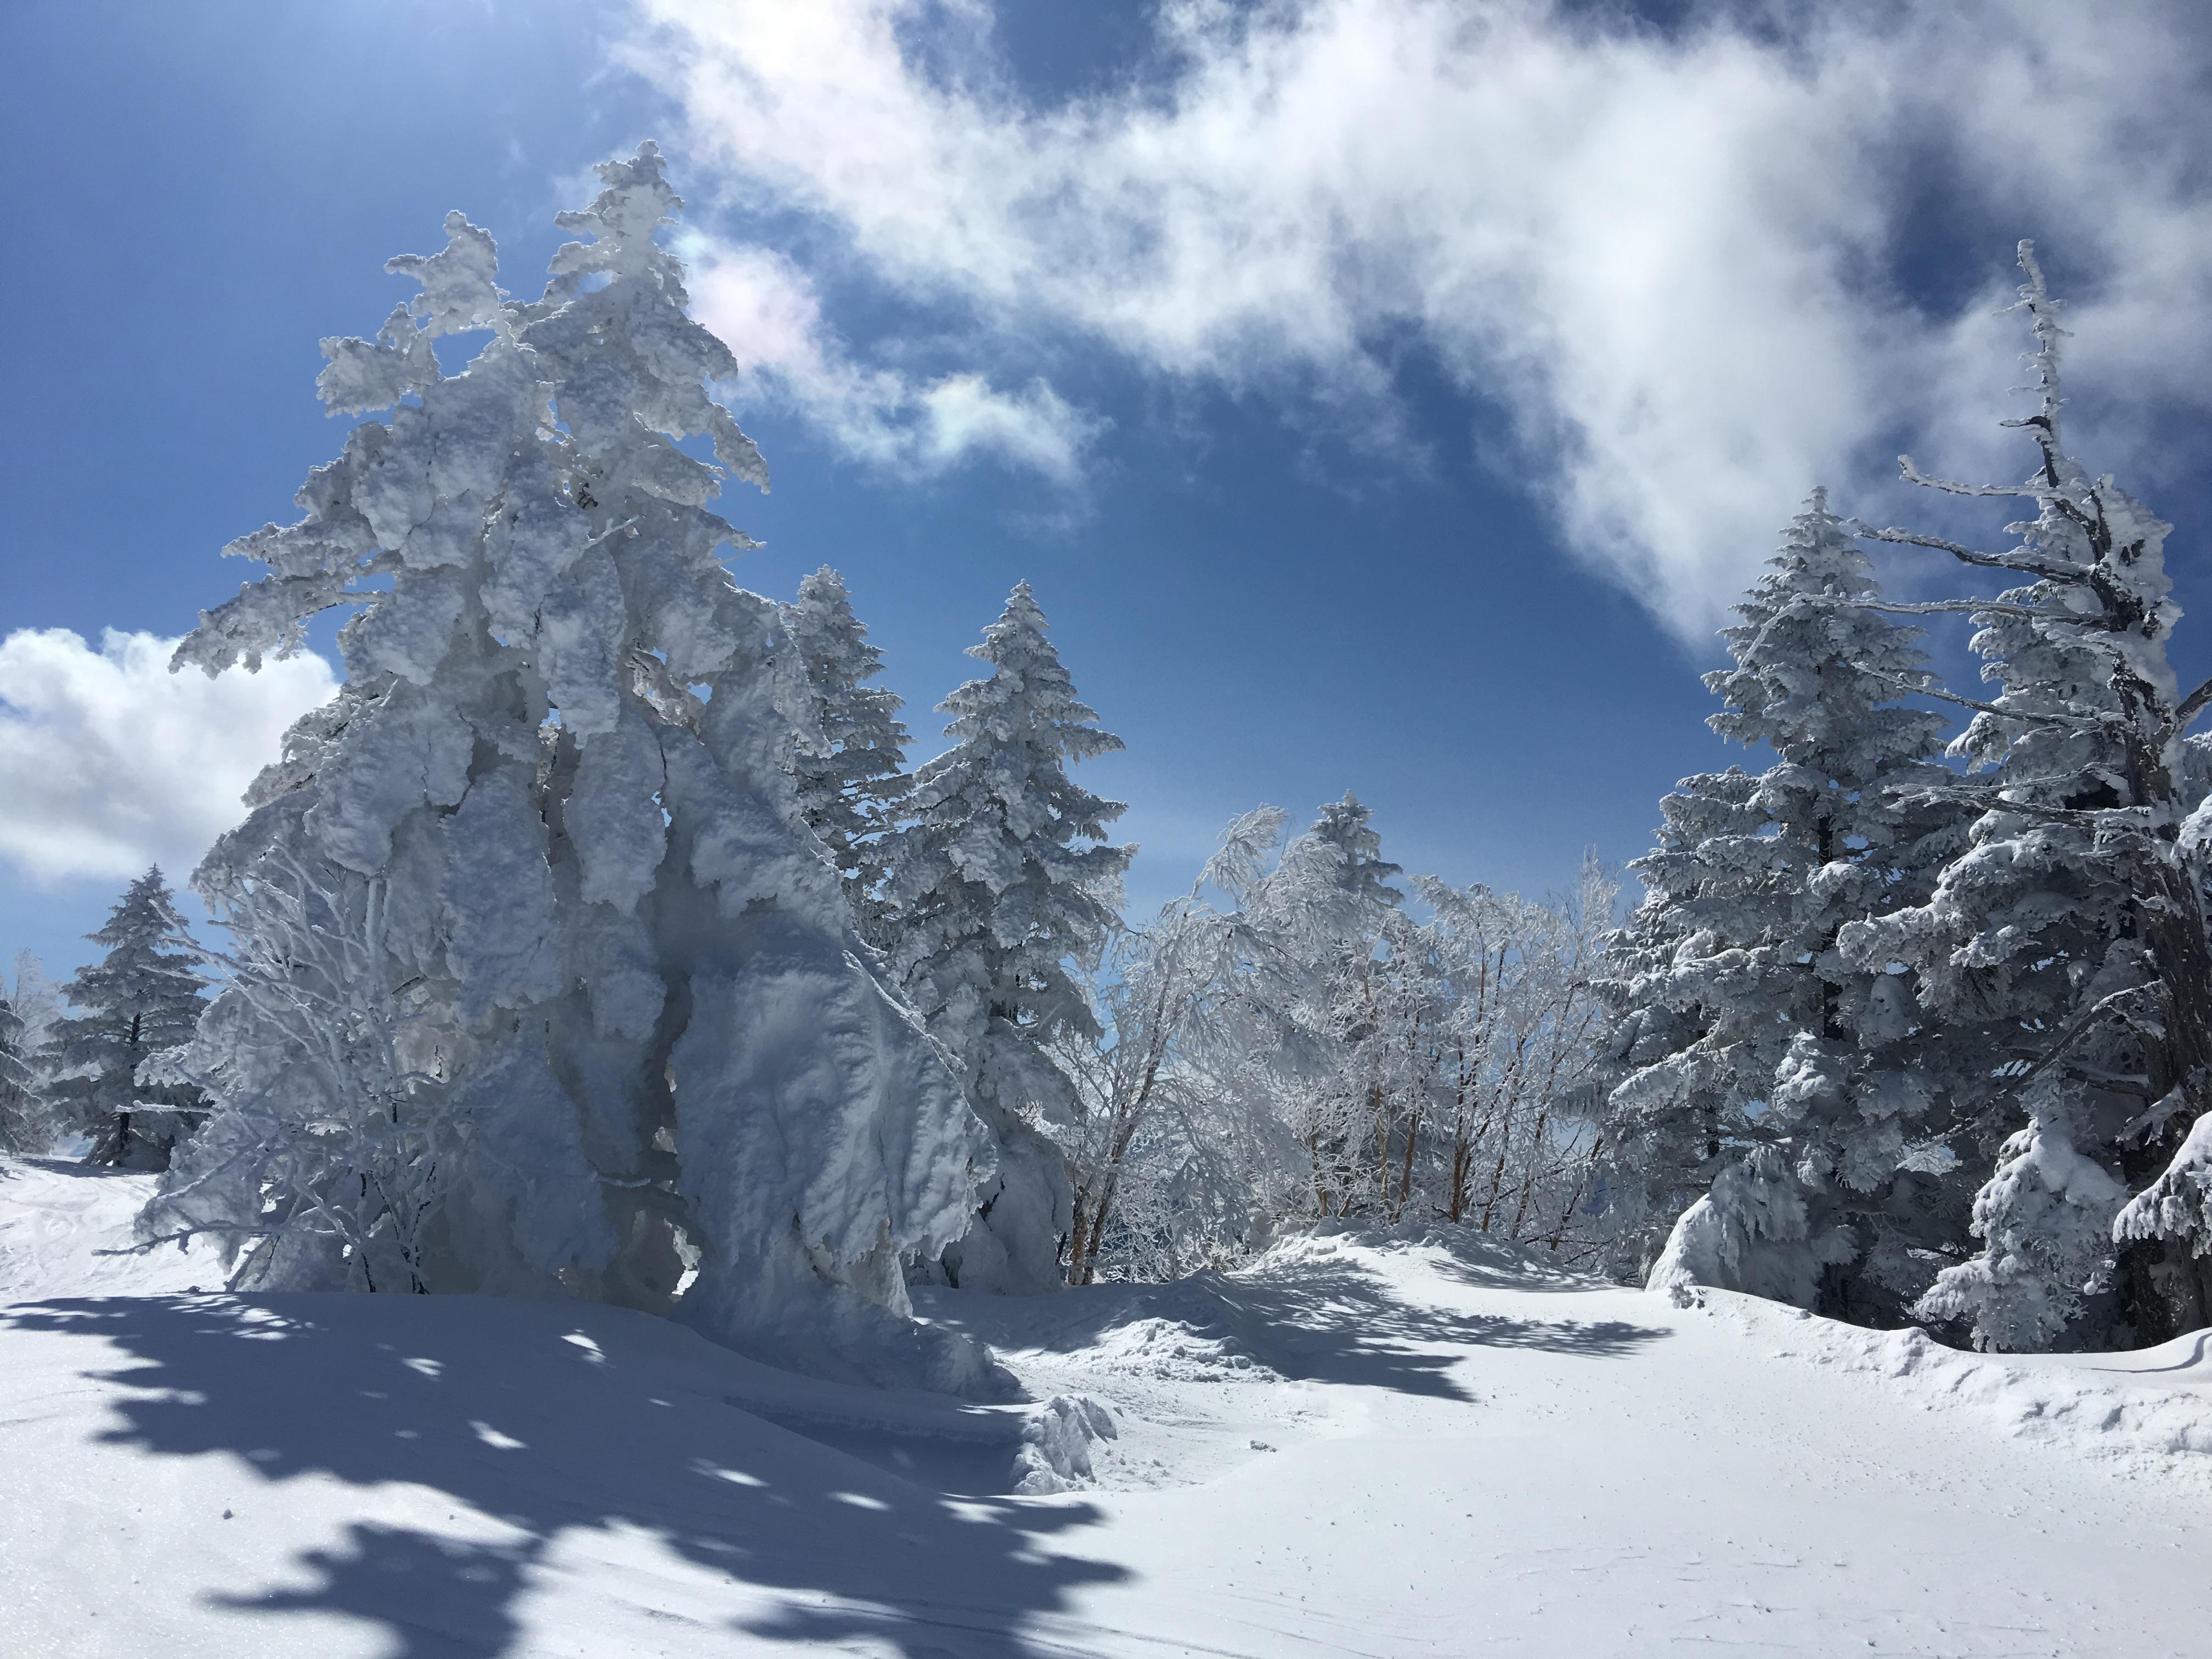 熊の湯-topic-2018シーズン開始!熊の湯スキー場11/18から一足先にオープンしたよ!